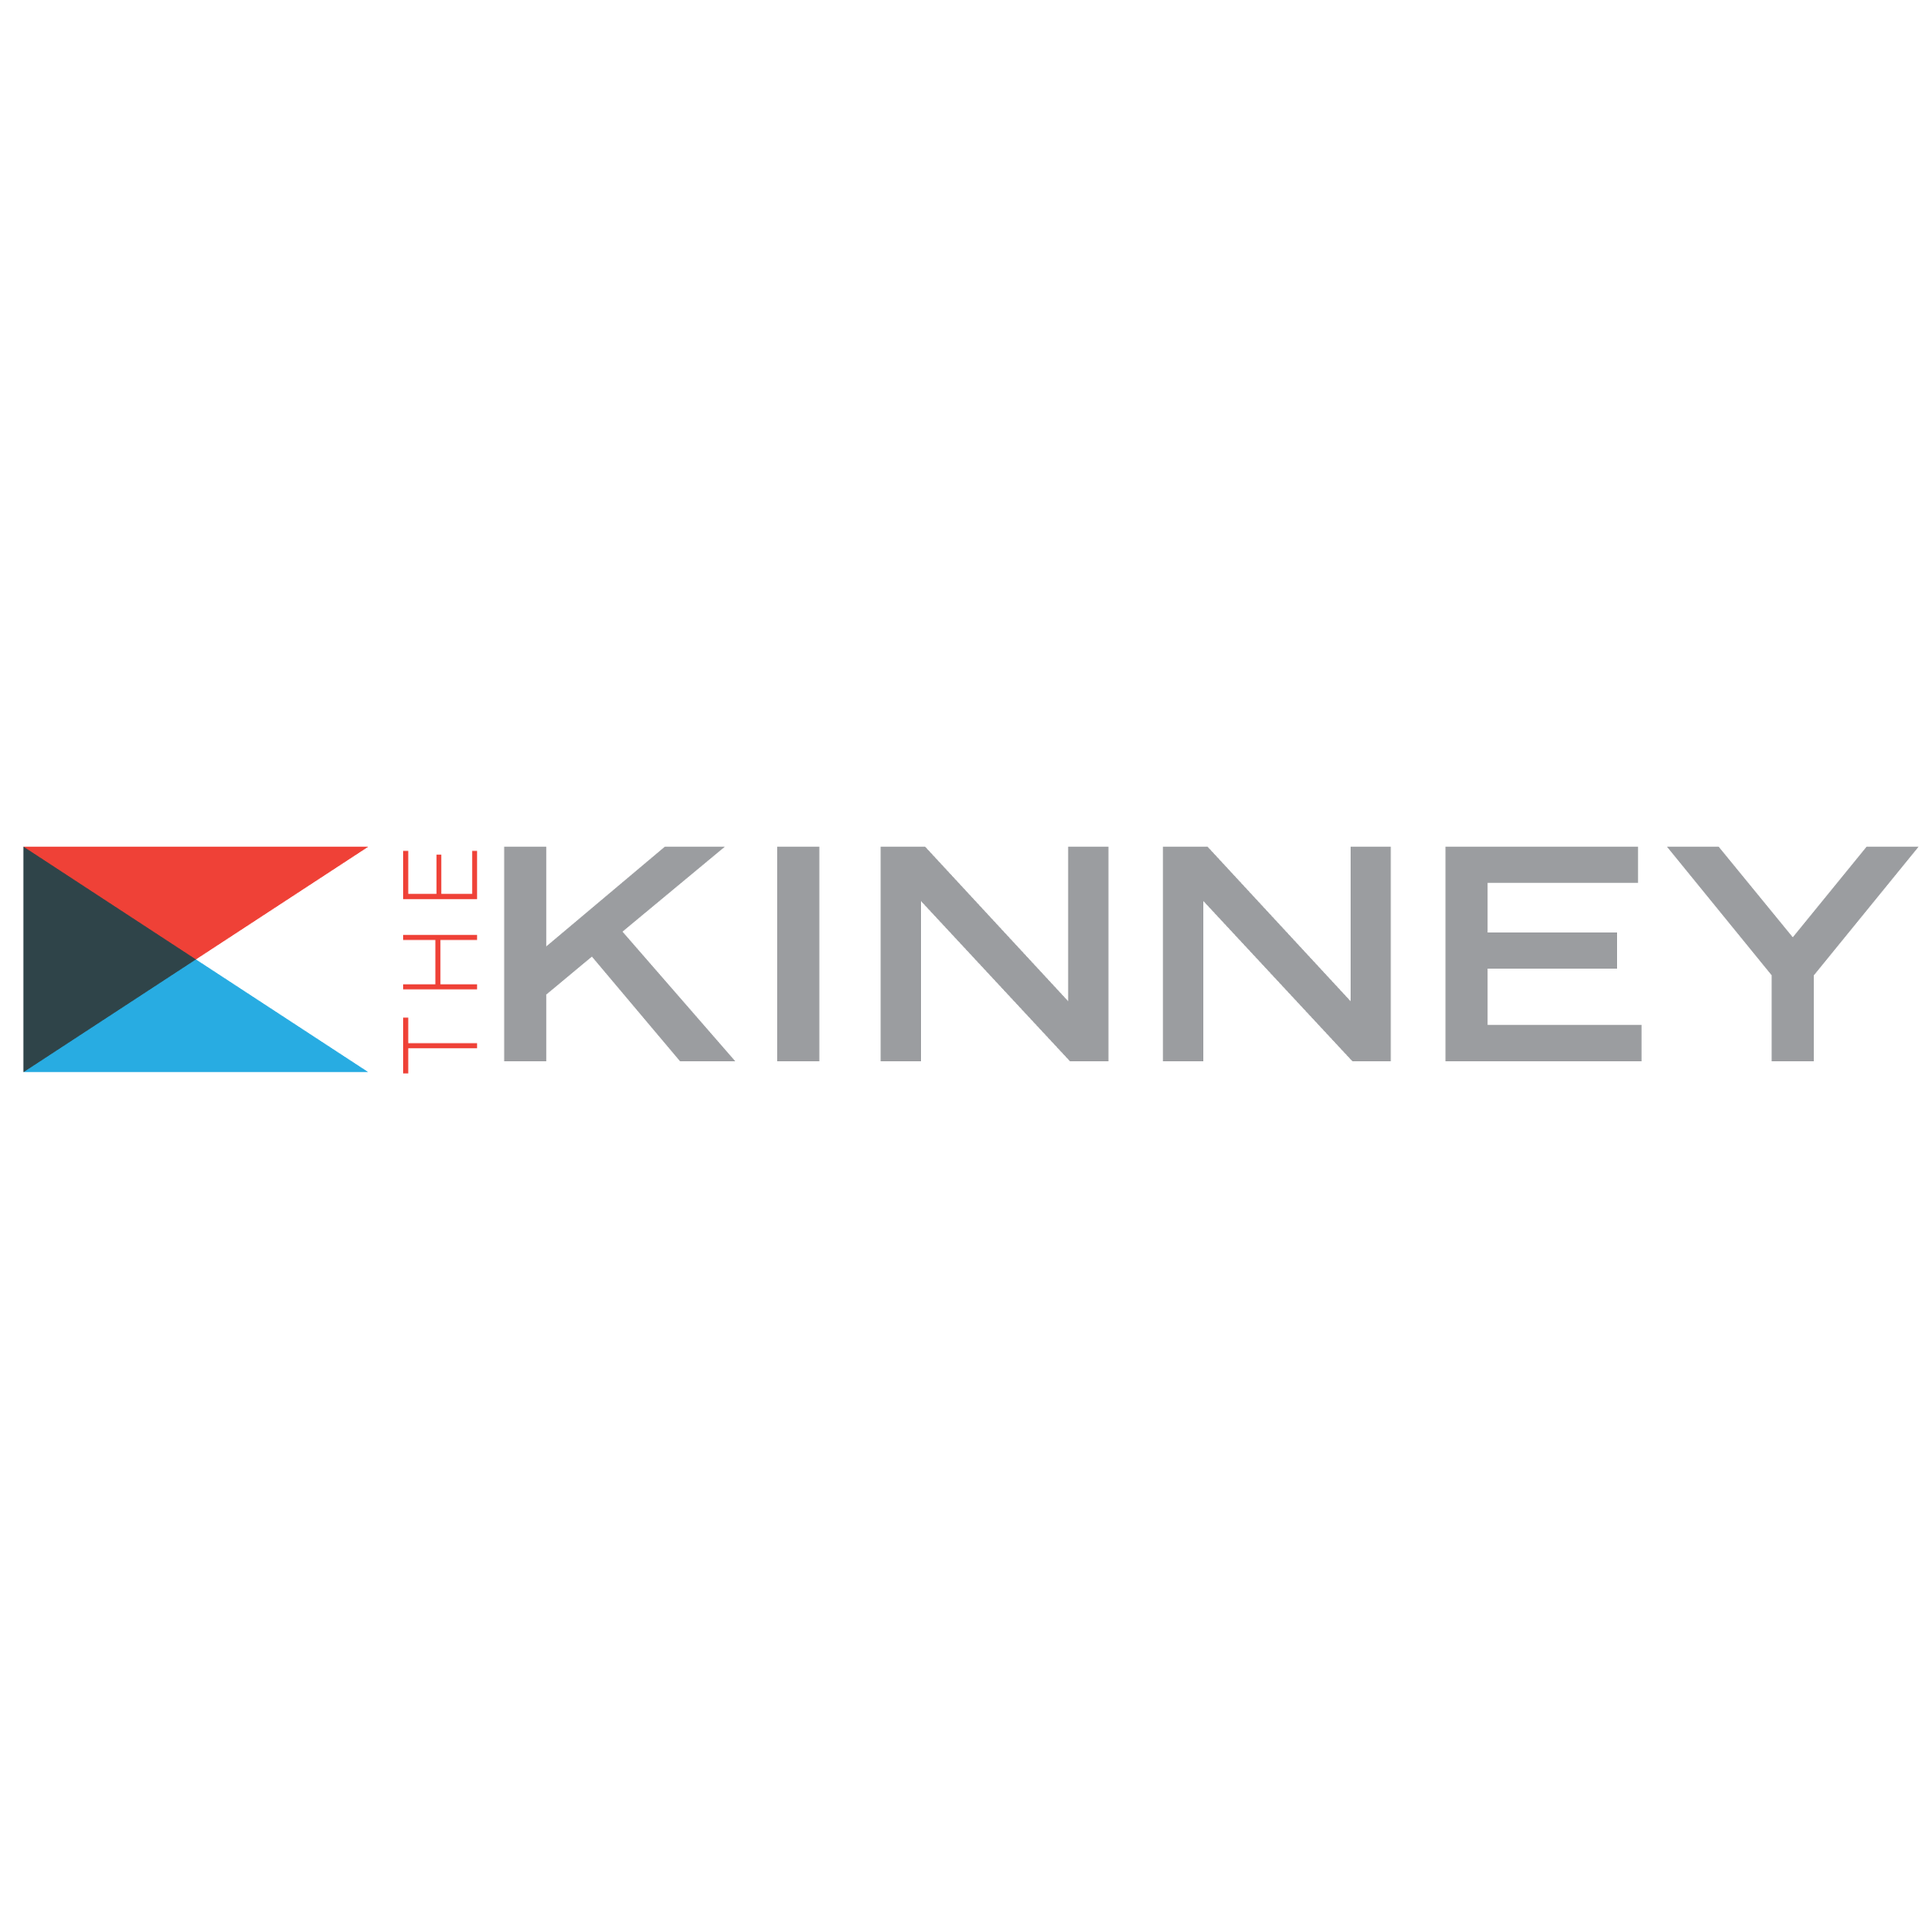 The Kinney